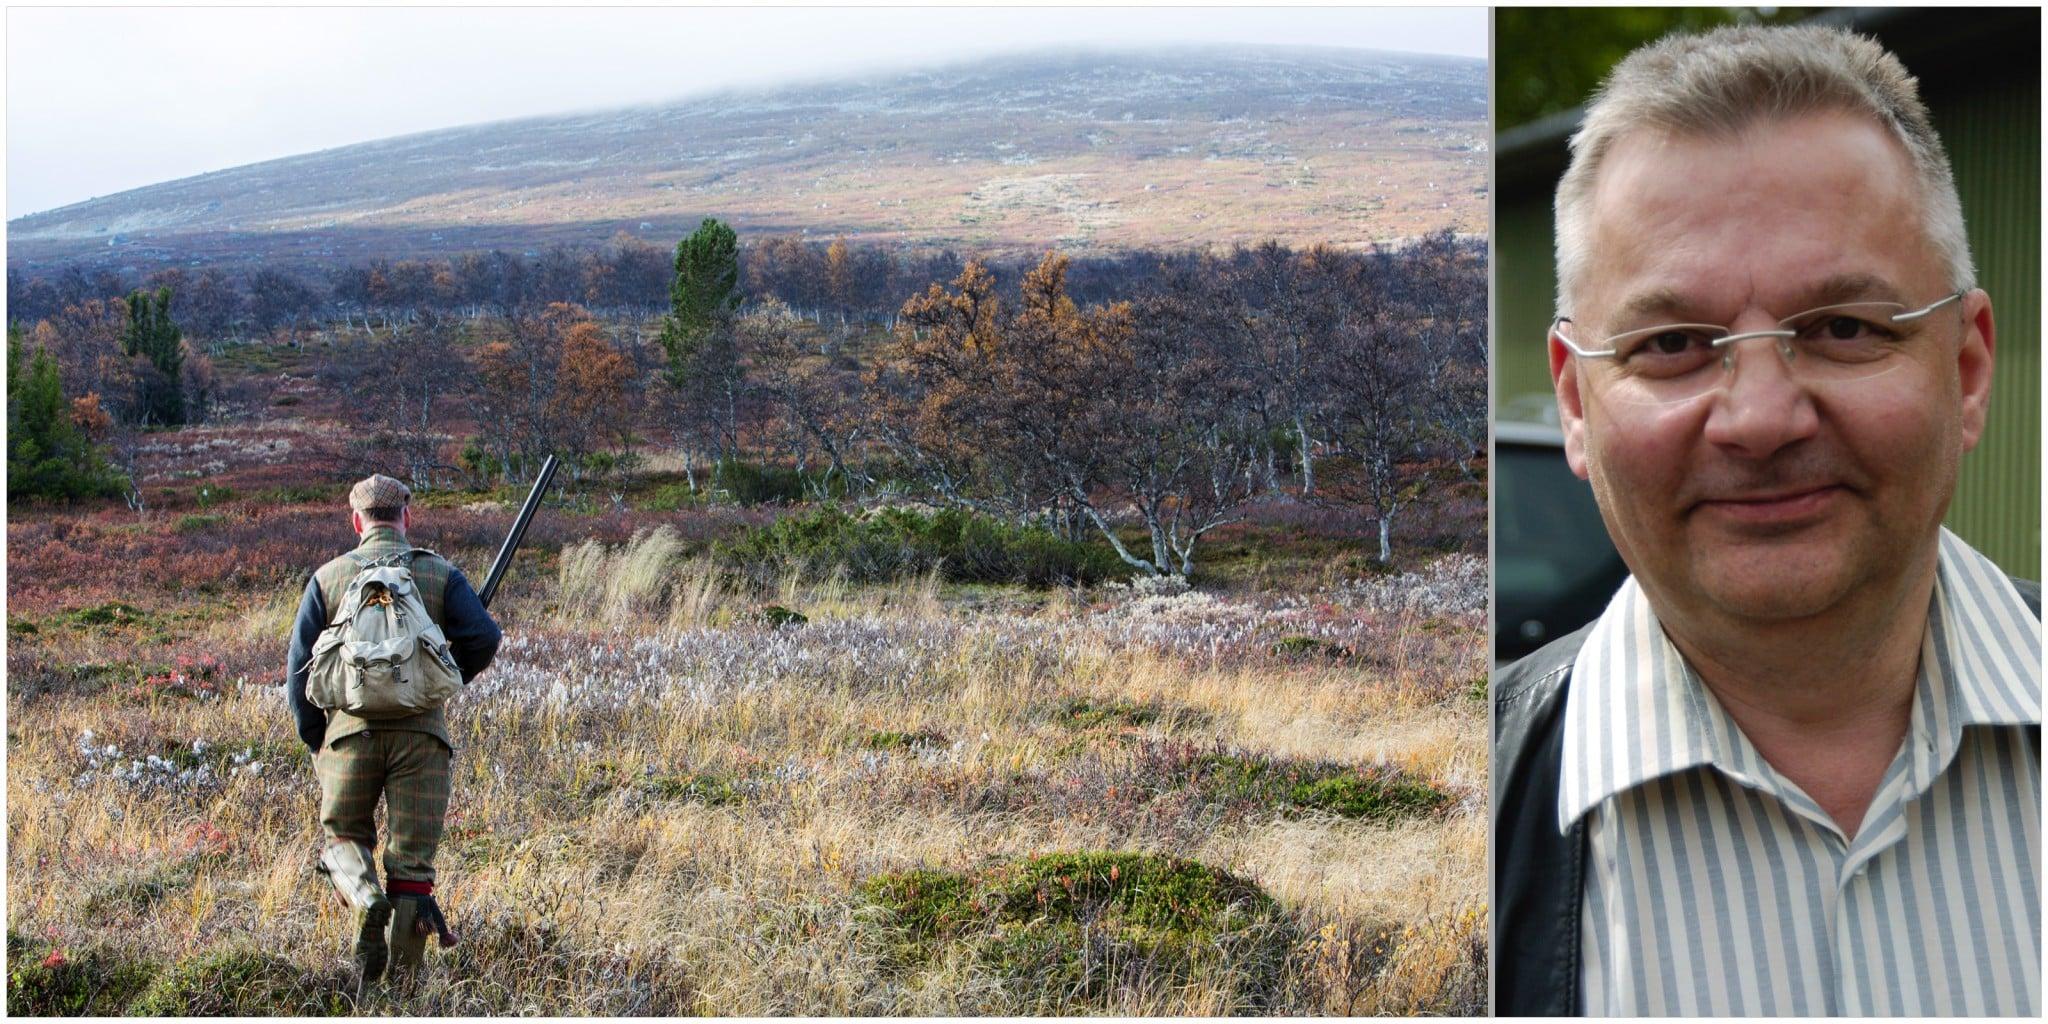 De flesta är nöjda med regeländringarna kring fjälljakten som genomfördes förra året, menar jaktvårdskonsulent Hans Geibrink. Foto: Olle Olsson